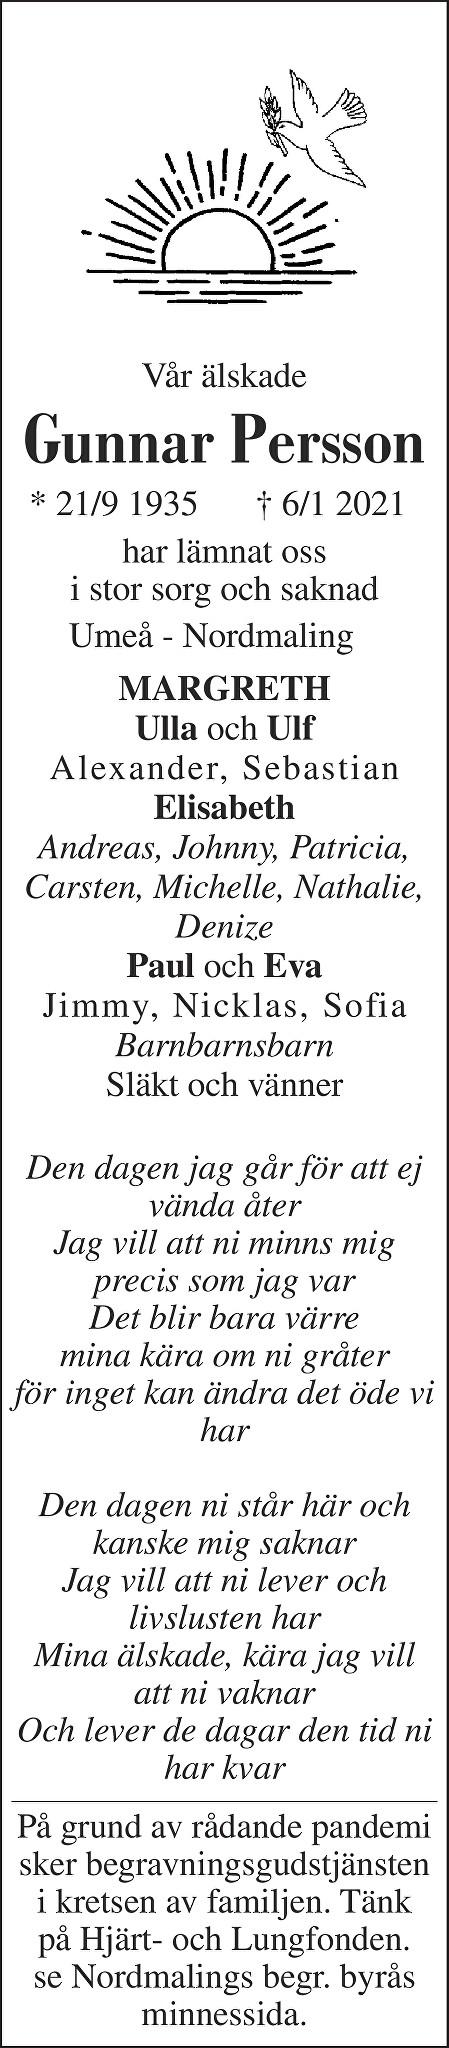 Gunnar Persson Death notice